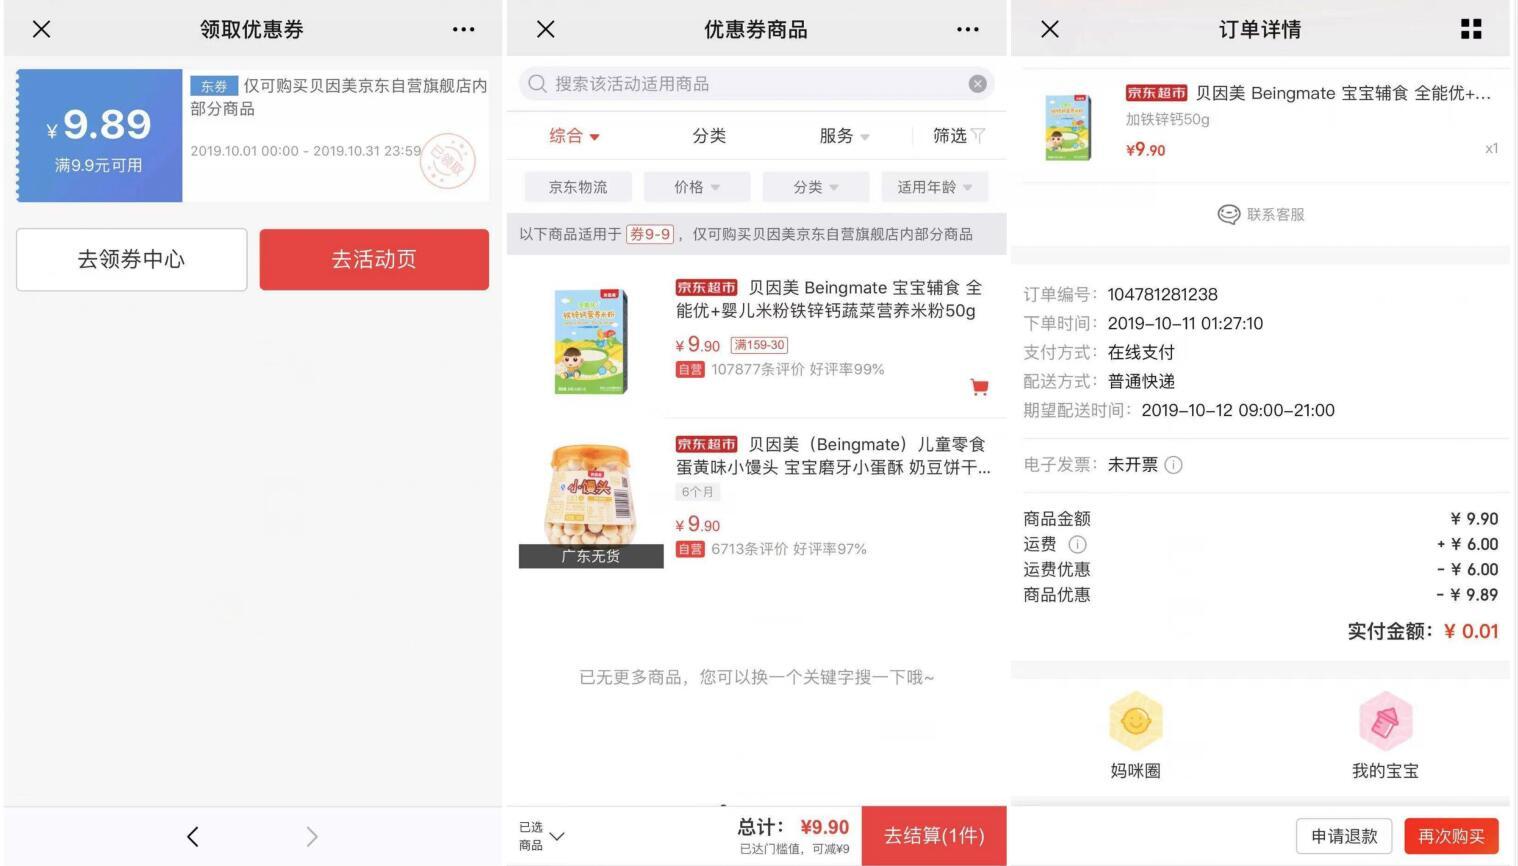 贝因美京东自营旗舰店0.01元购买免费实物奖励 免费实物 活动线报  第2张